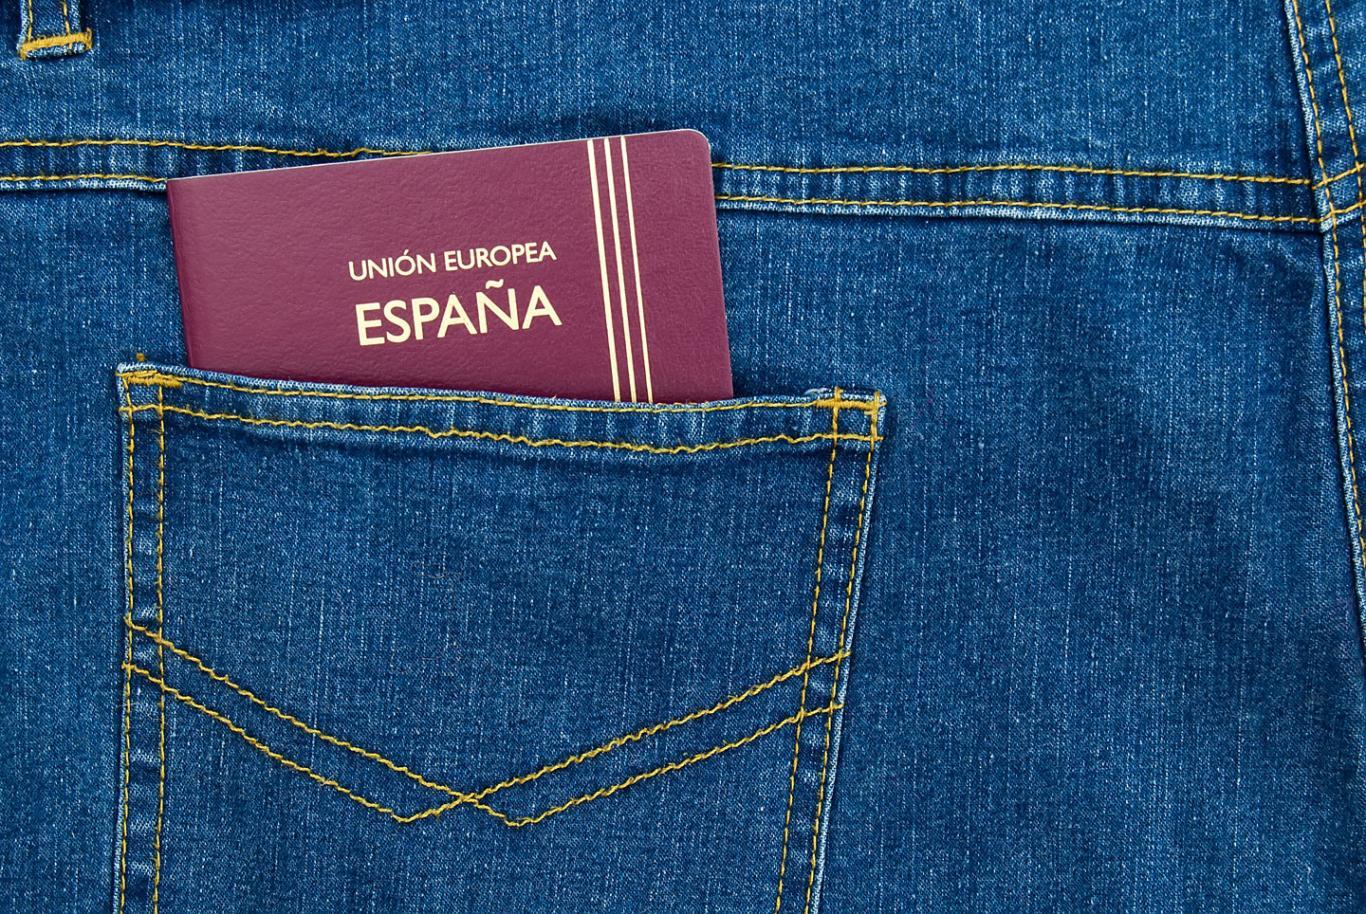 Un pasaporte de España sobresale del bolsillo de un pantalón vaquero